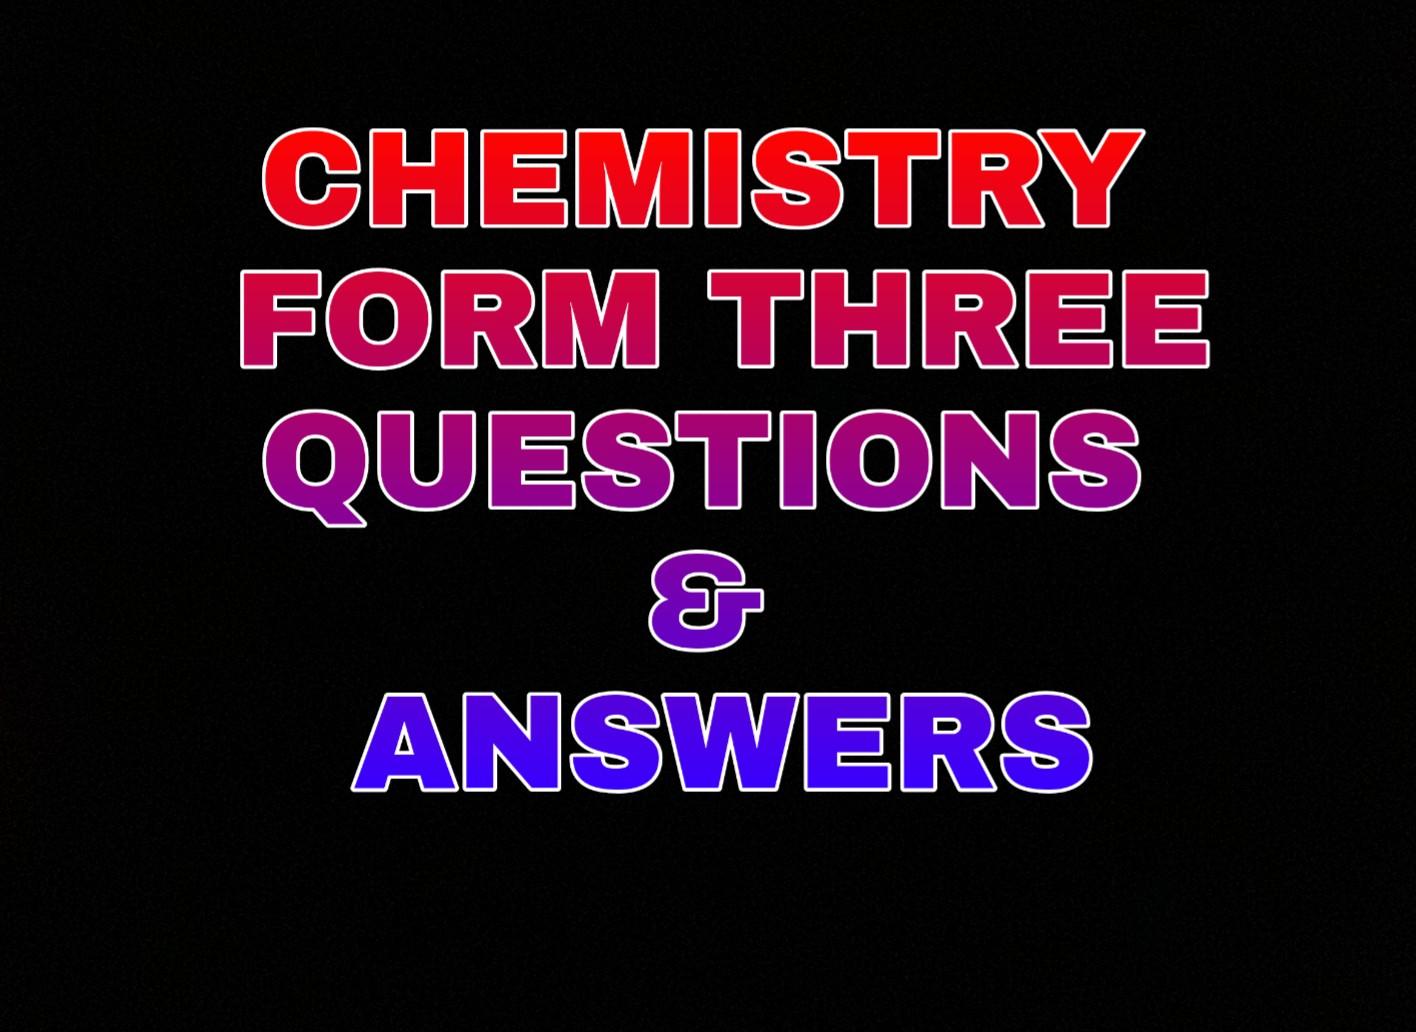 FORM III TOPIC 6  IONIC THEORY AND ELECTROLYSIS - UNIFORUM-TZ